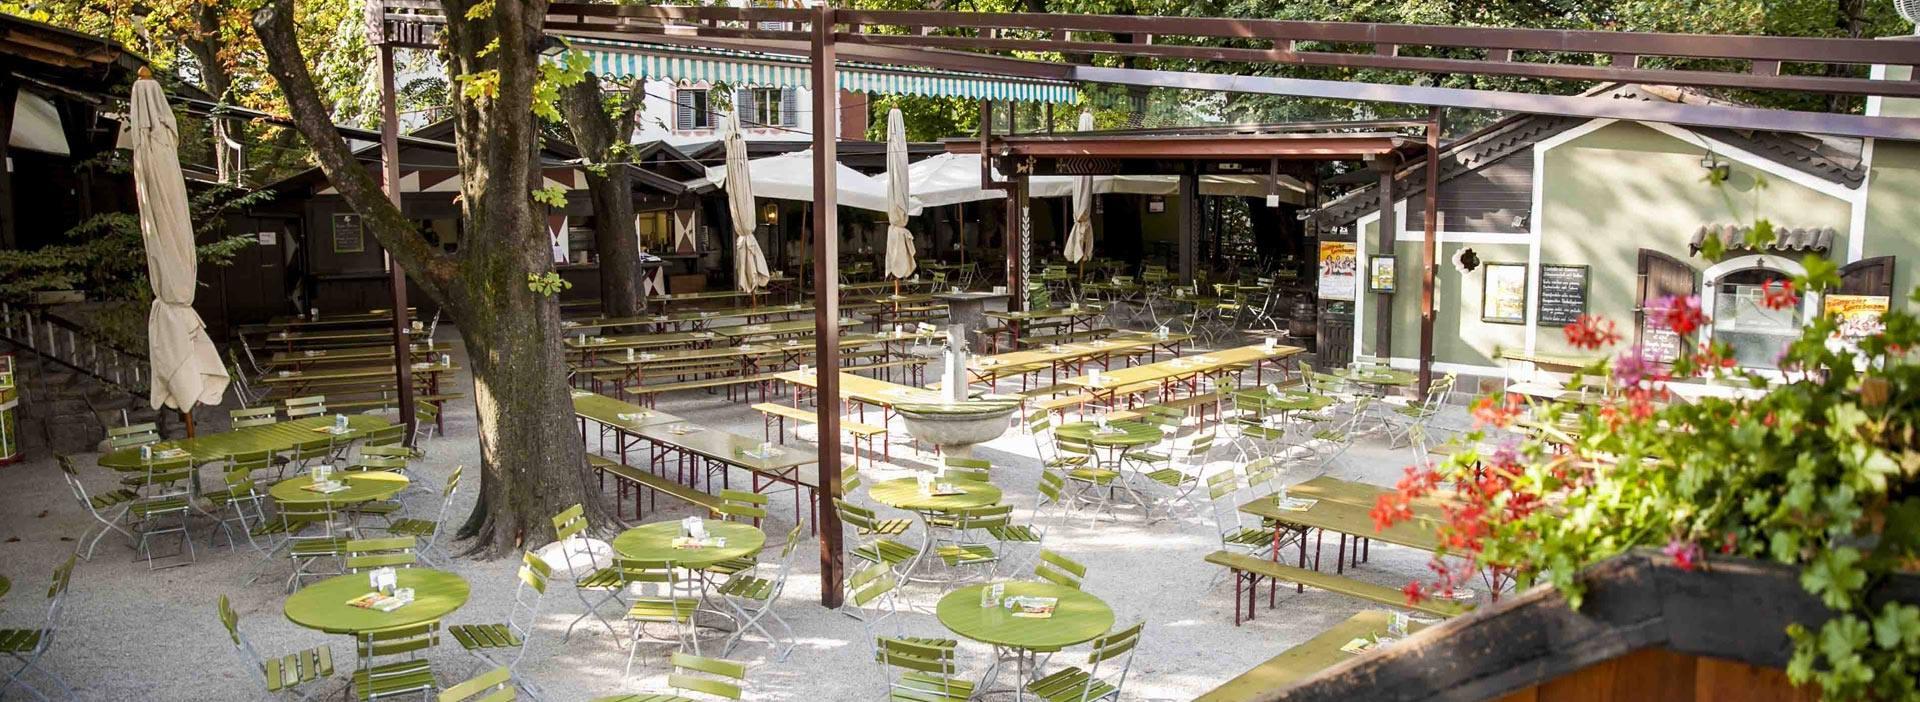 Restaurant Braugarten Forst